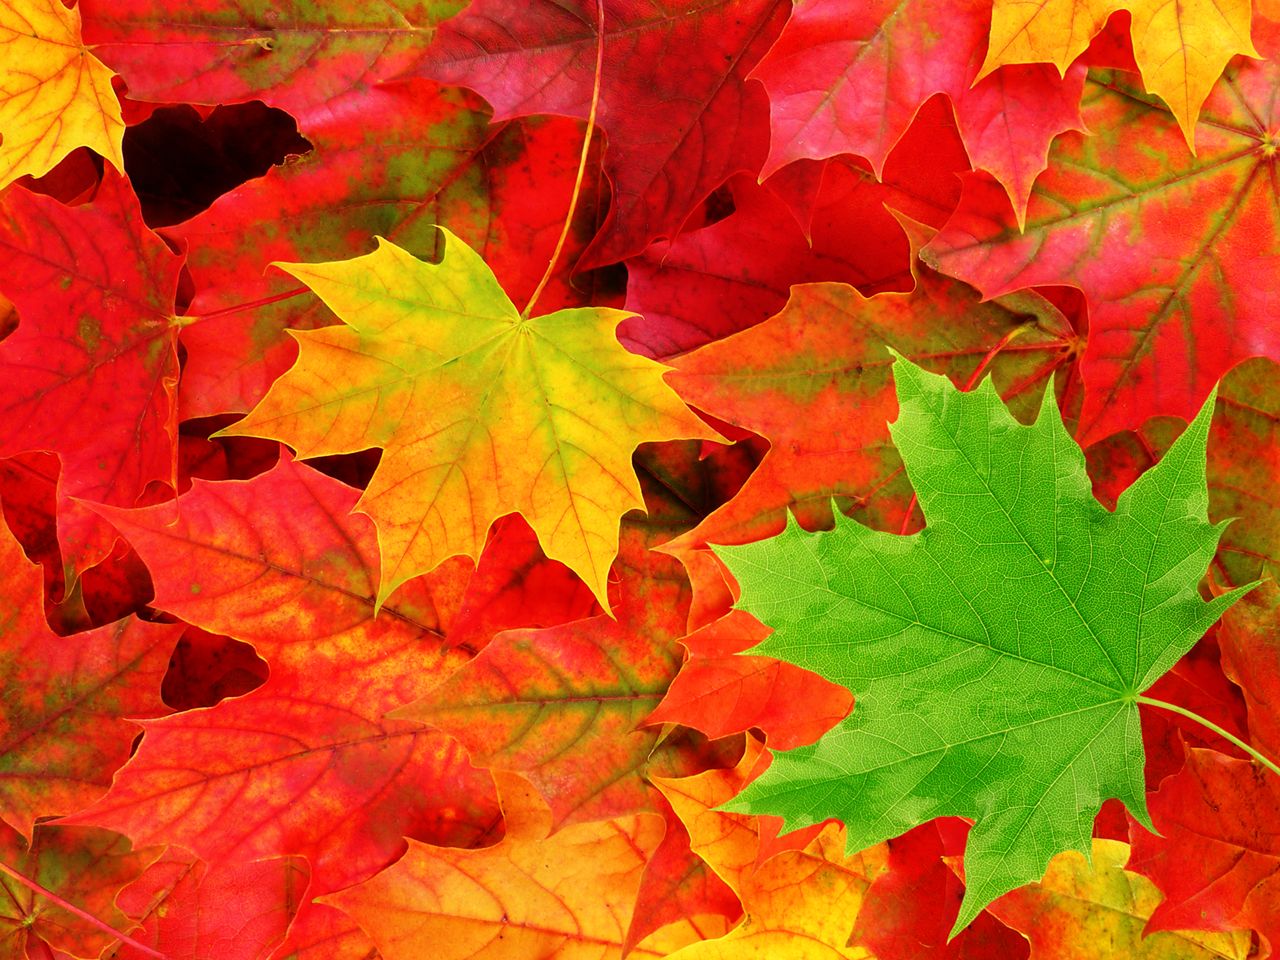 pemandangan Autumn Leaves Wallpaper 1280x960